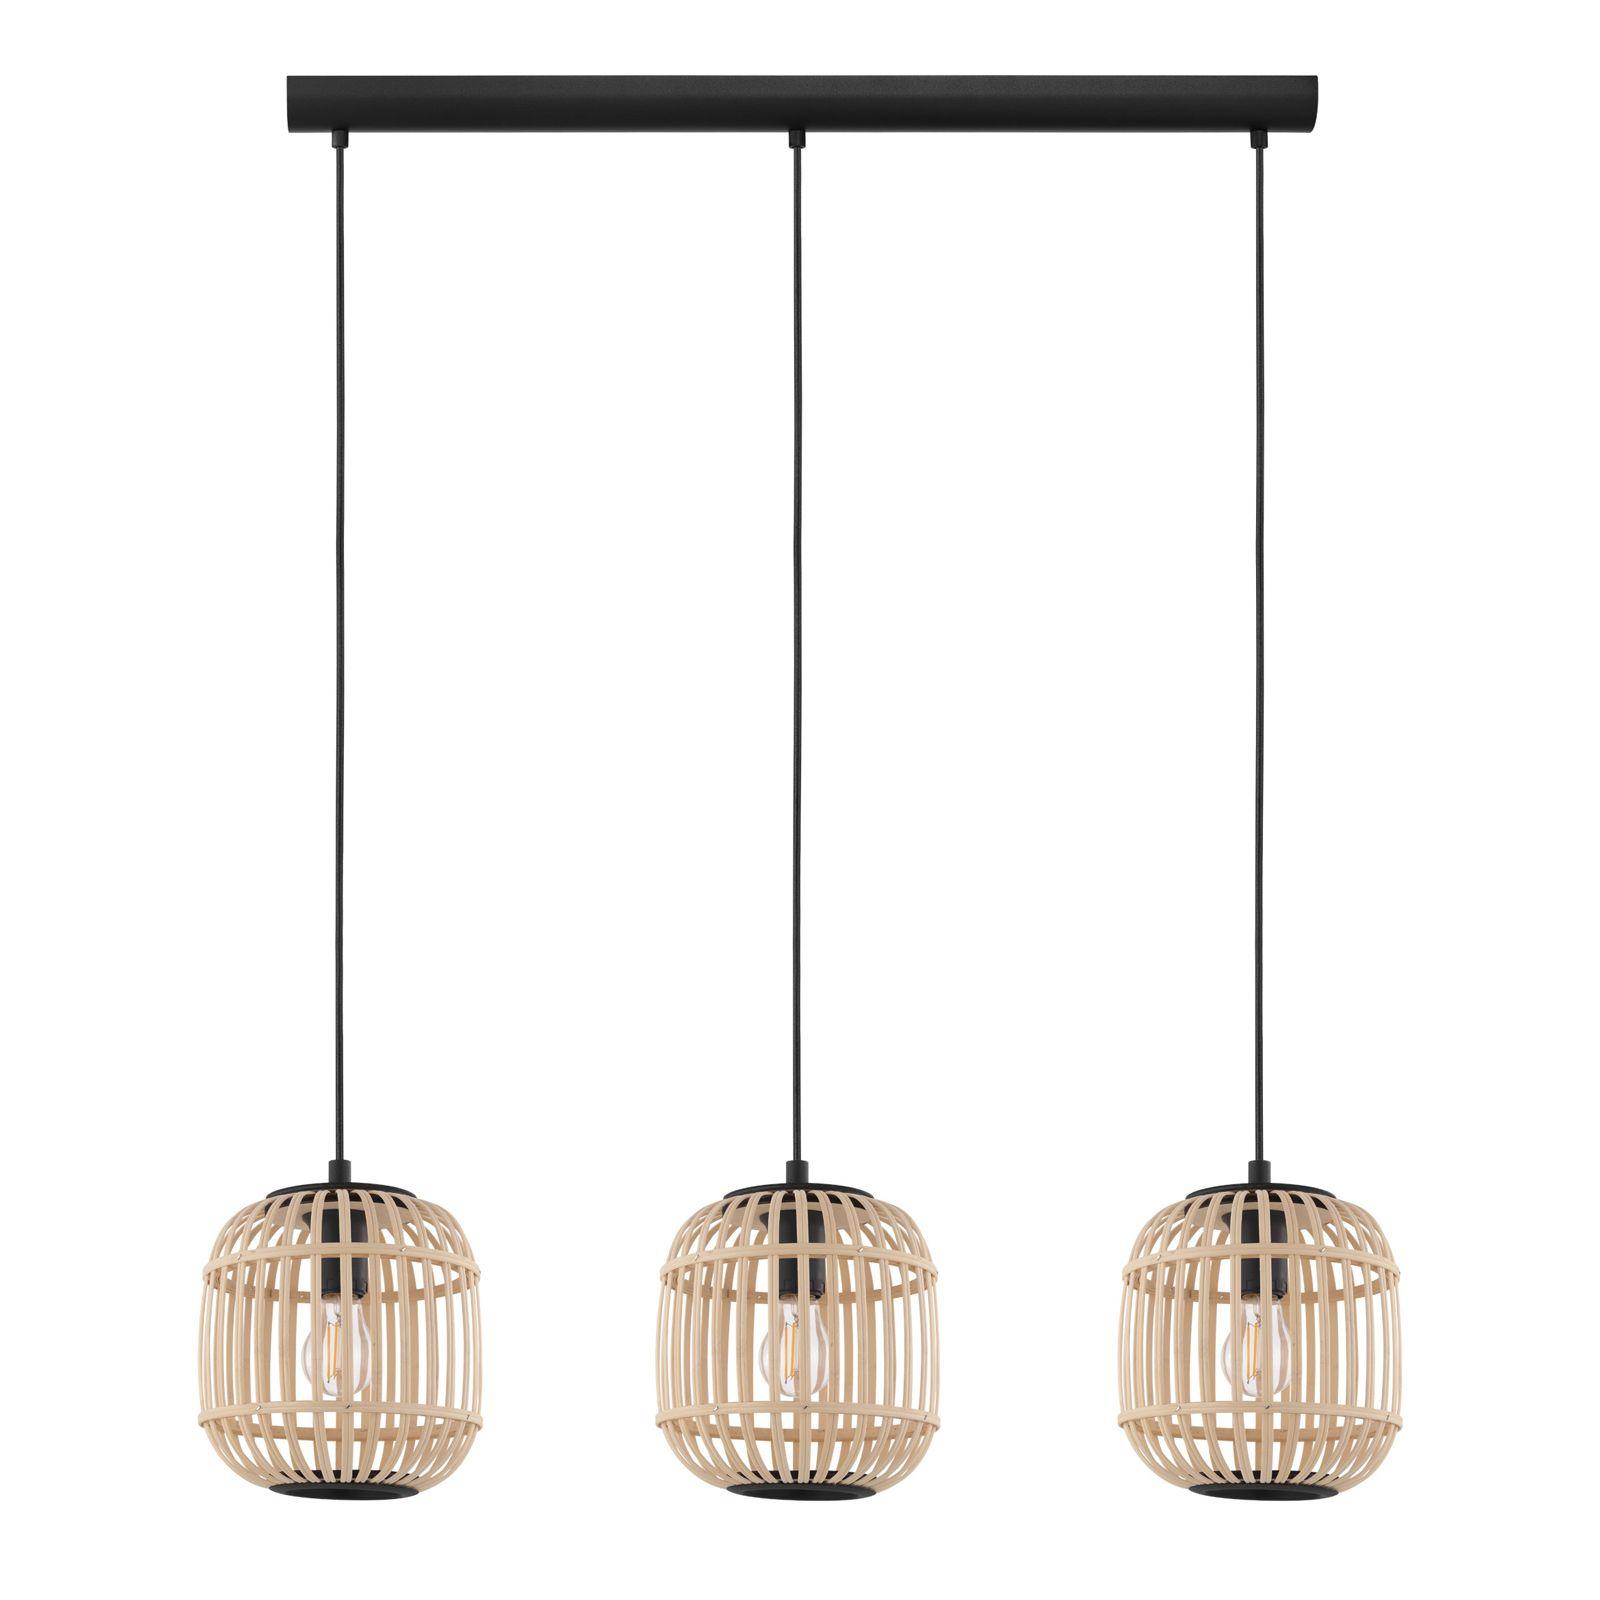 Hanglamp Bordesley 3 Lamps Van Eglo Hanglamp Hangende Lichten Lampen